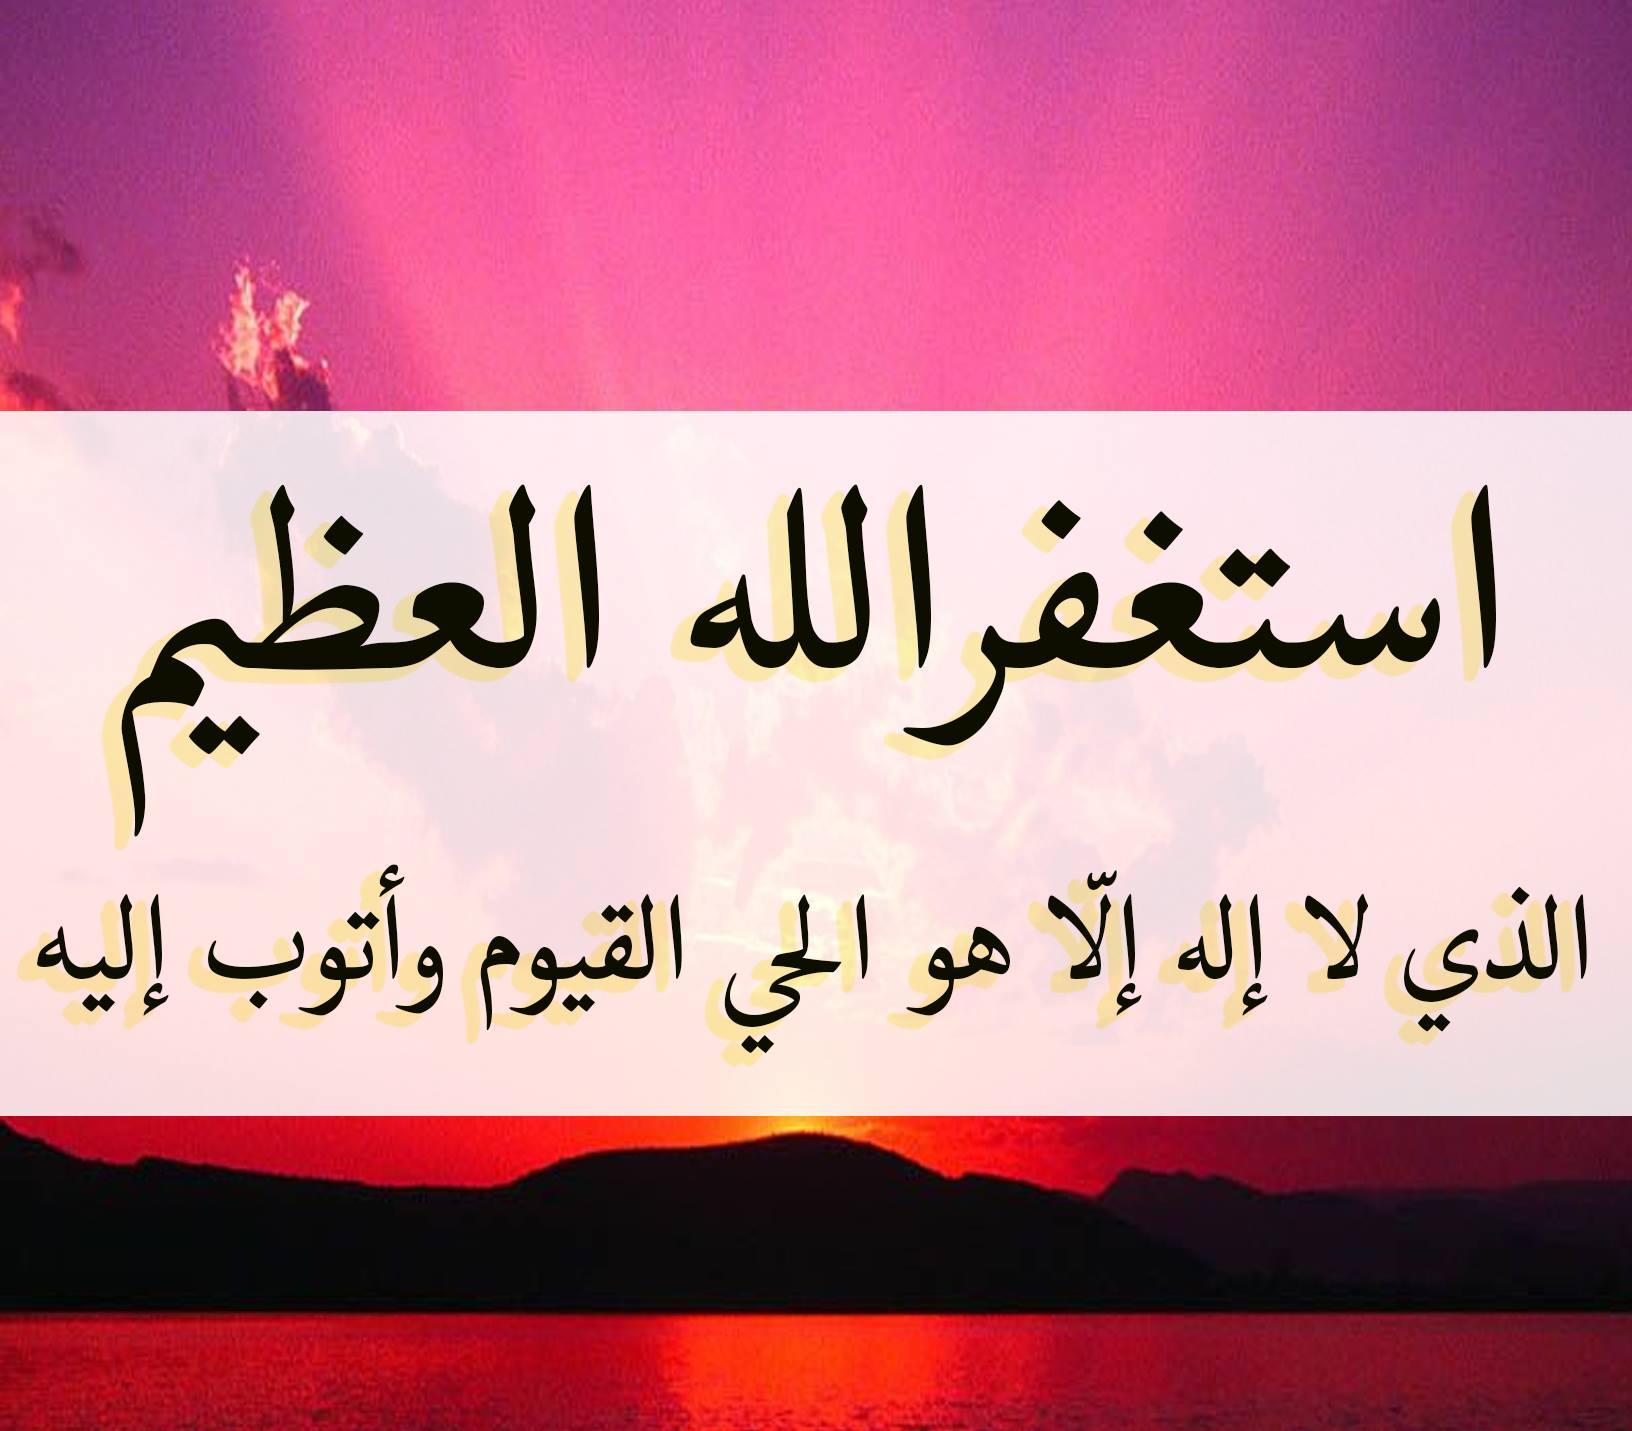 بالصور صور عن الدين , الدين واجمل صور له 4653 24